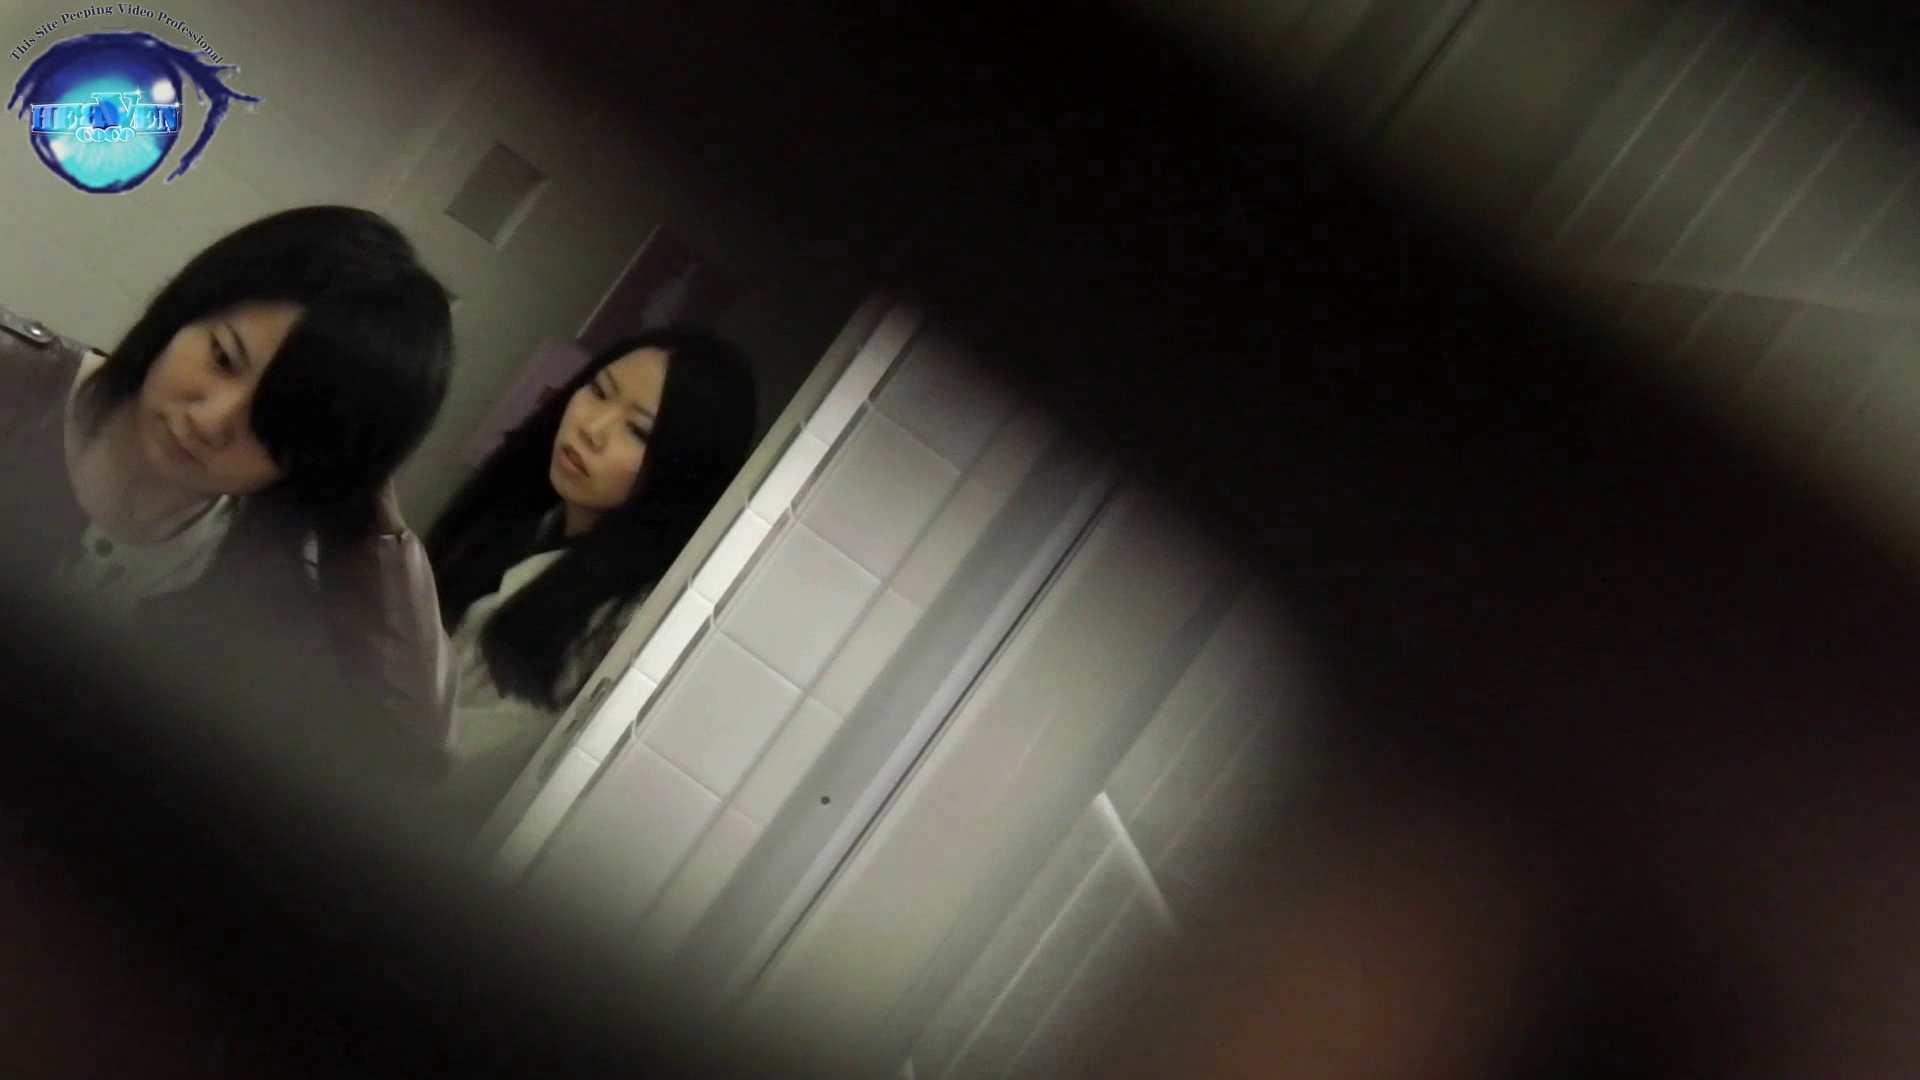 お銀さん vol.59 ピンチ!!「鏡の前で祈る女性」にばれる危機 前編 美人  108連発 48